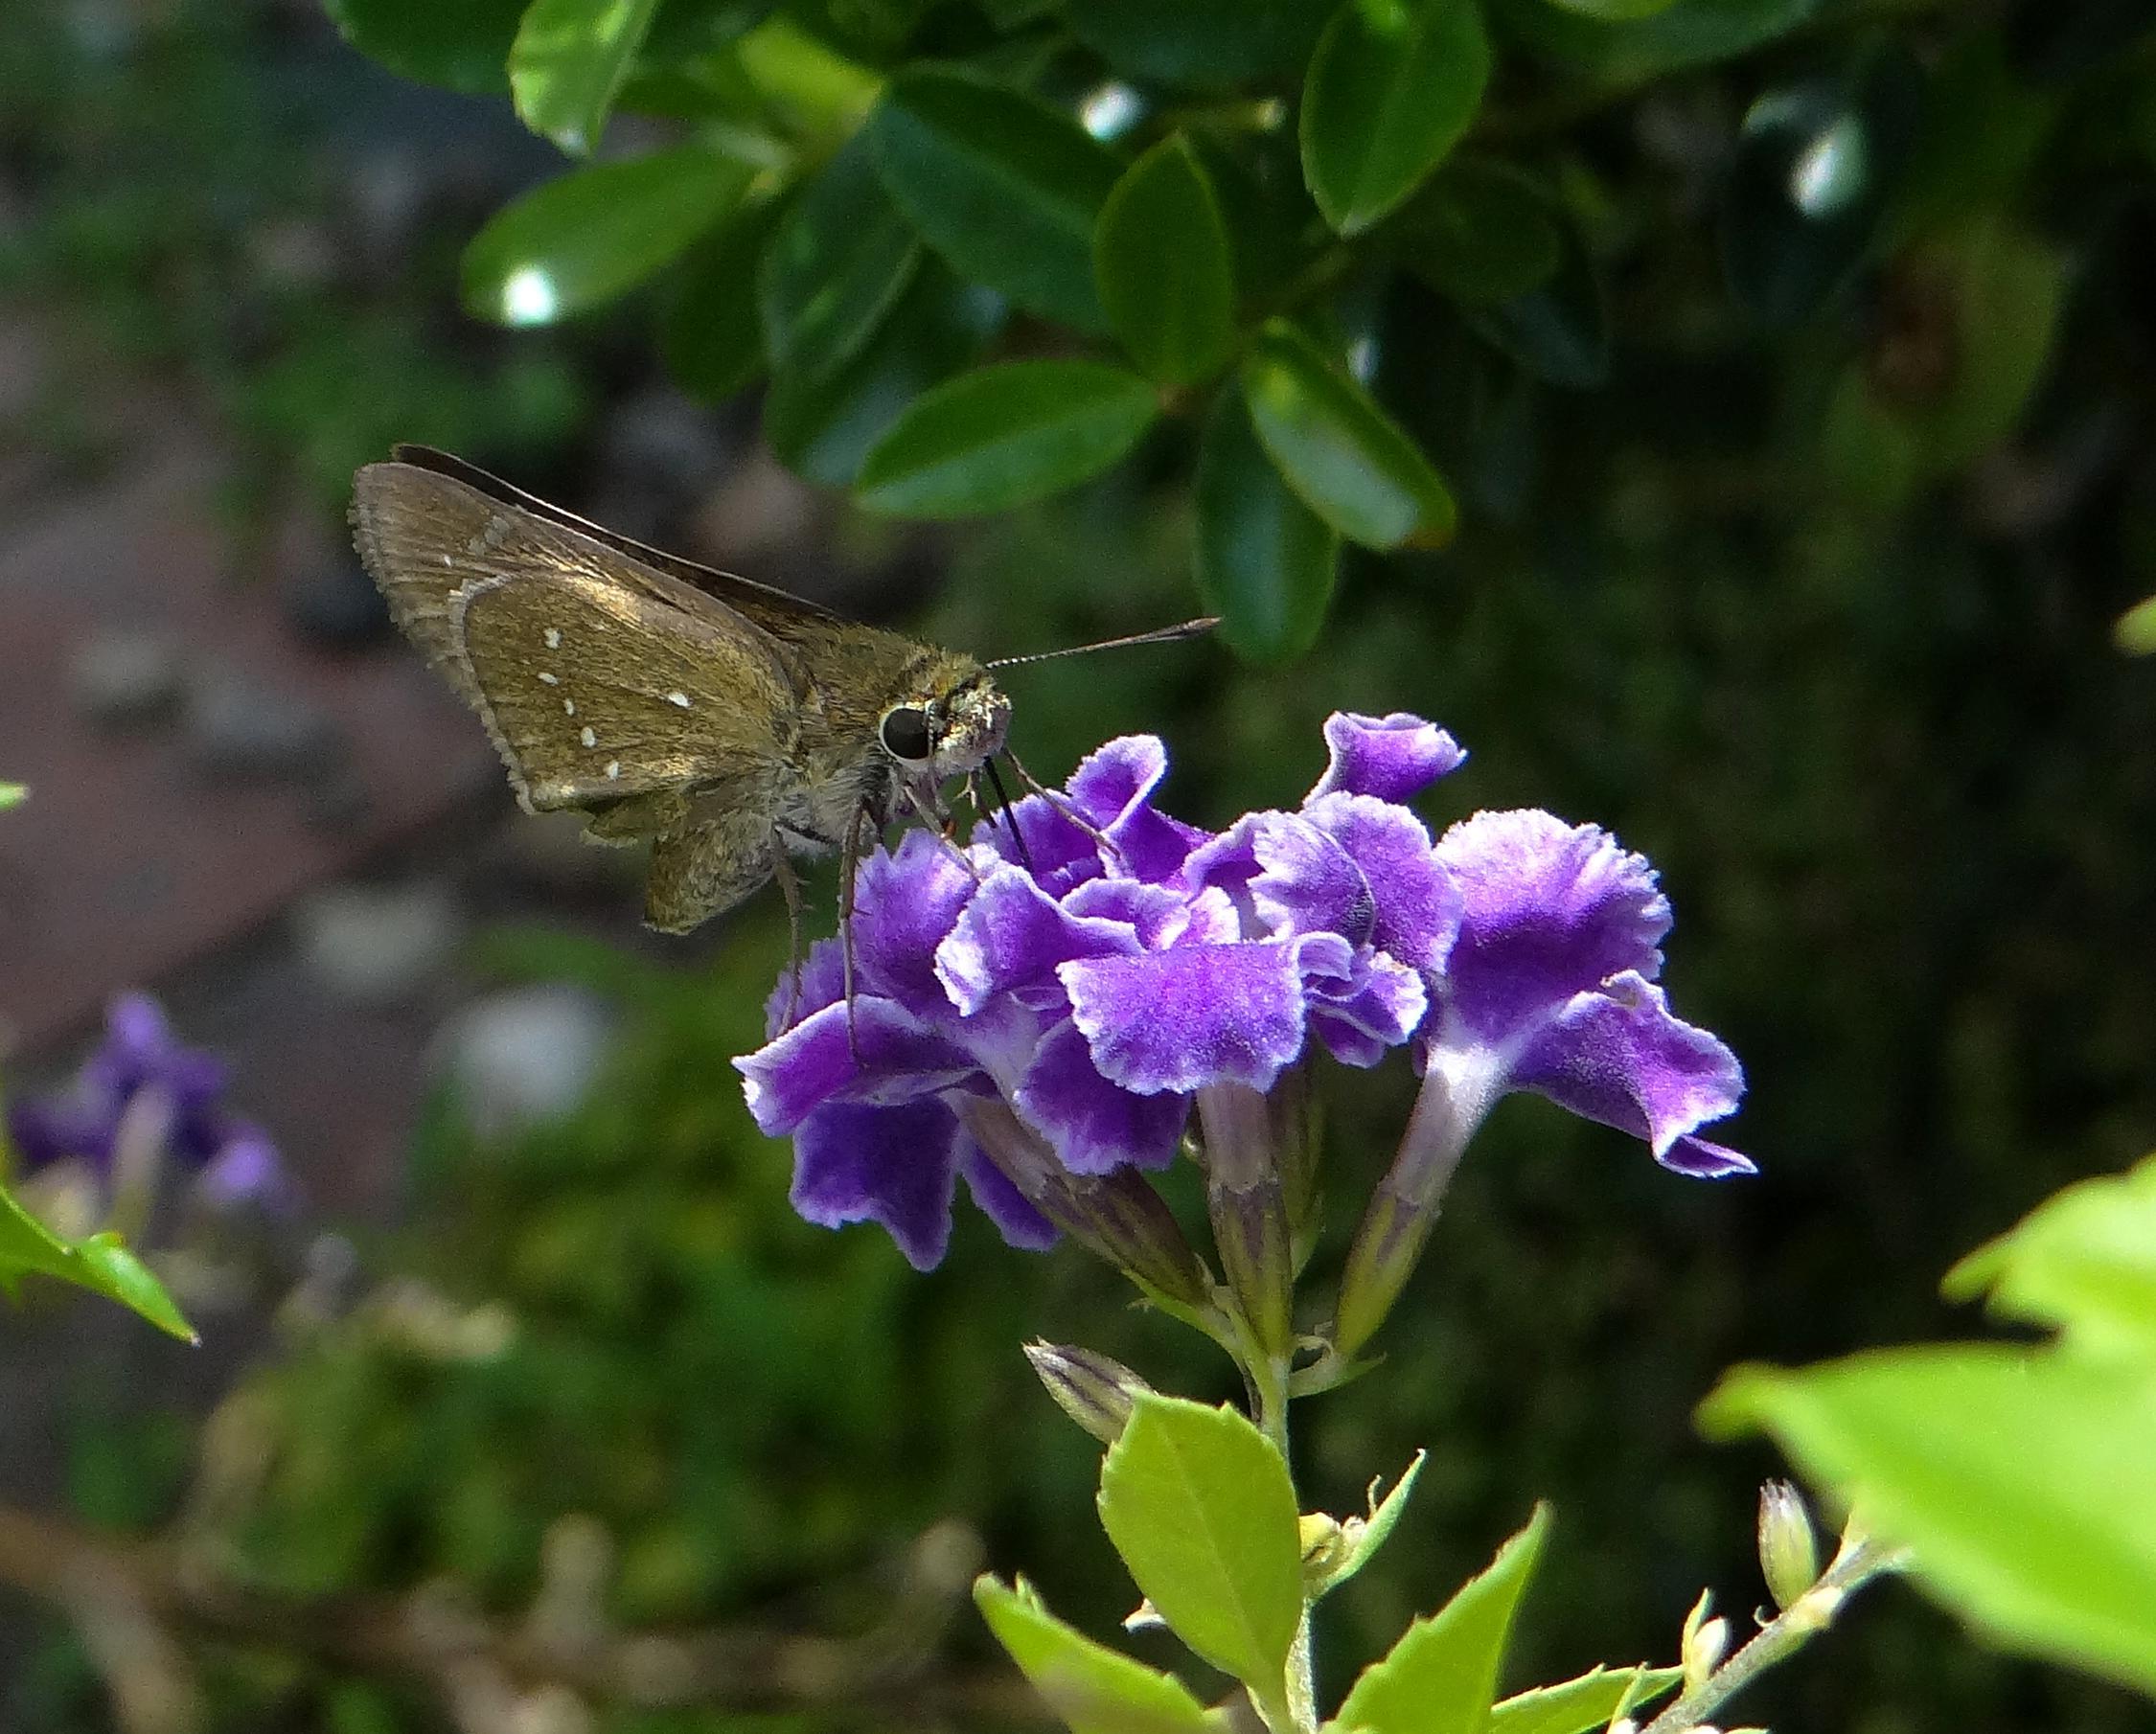 チャバネセセリ 庭にて_d0254540_18234127.jpg